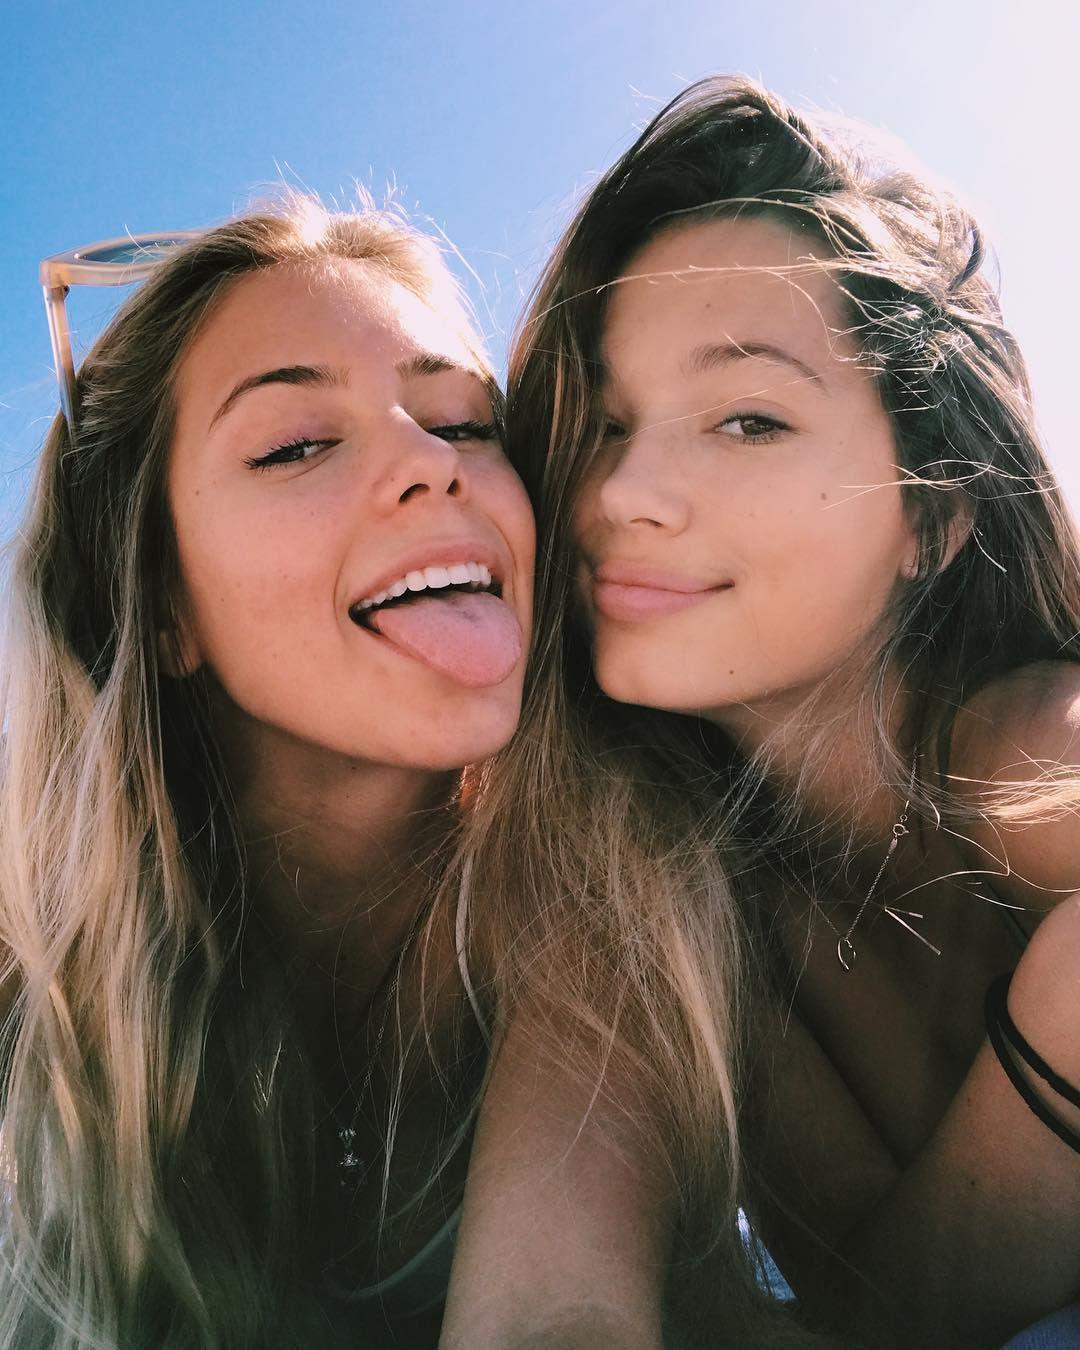 Amateur Homemade Best Friend Ex Girlfriend kissing